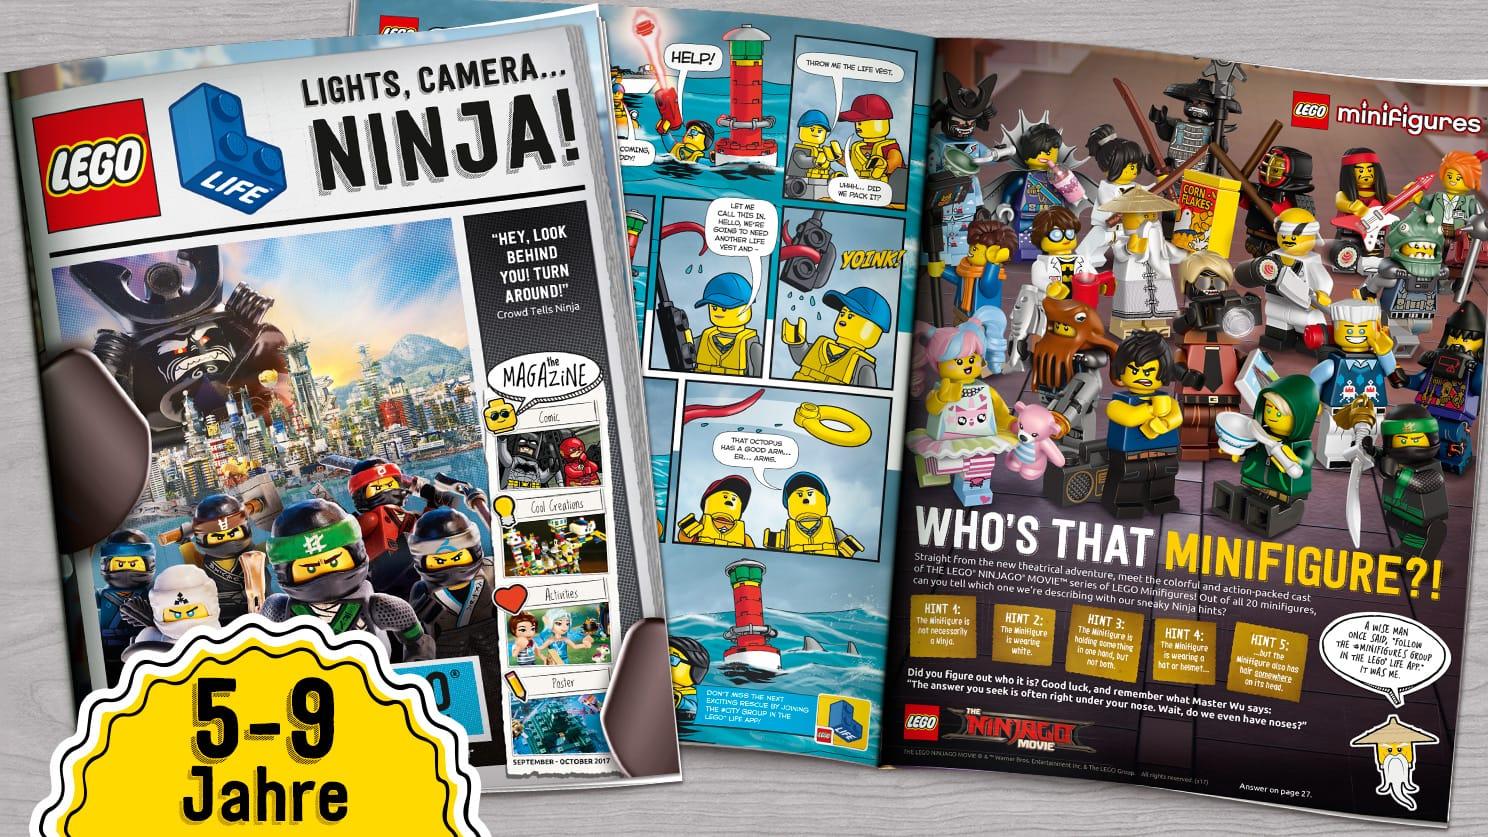 Lego Life Magazin Print Ausgabe 4x im Jahr kostenlos. Für Kinder von 5-9 Jahre